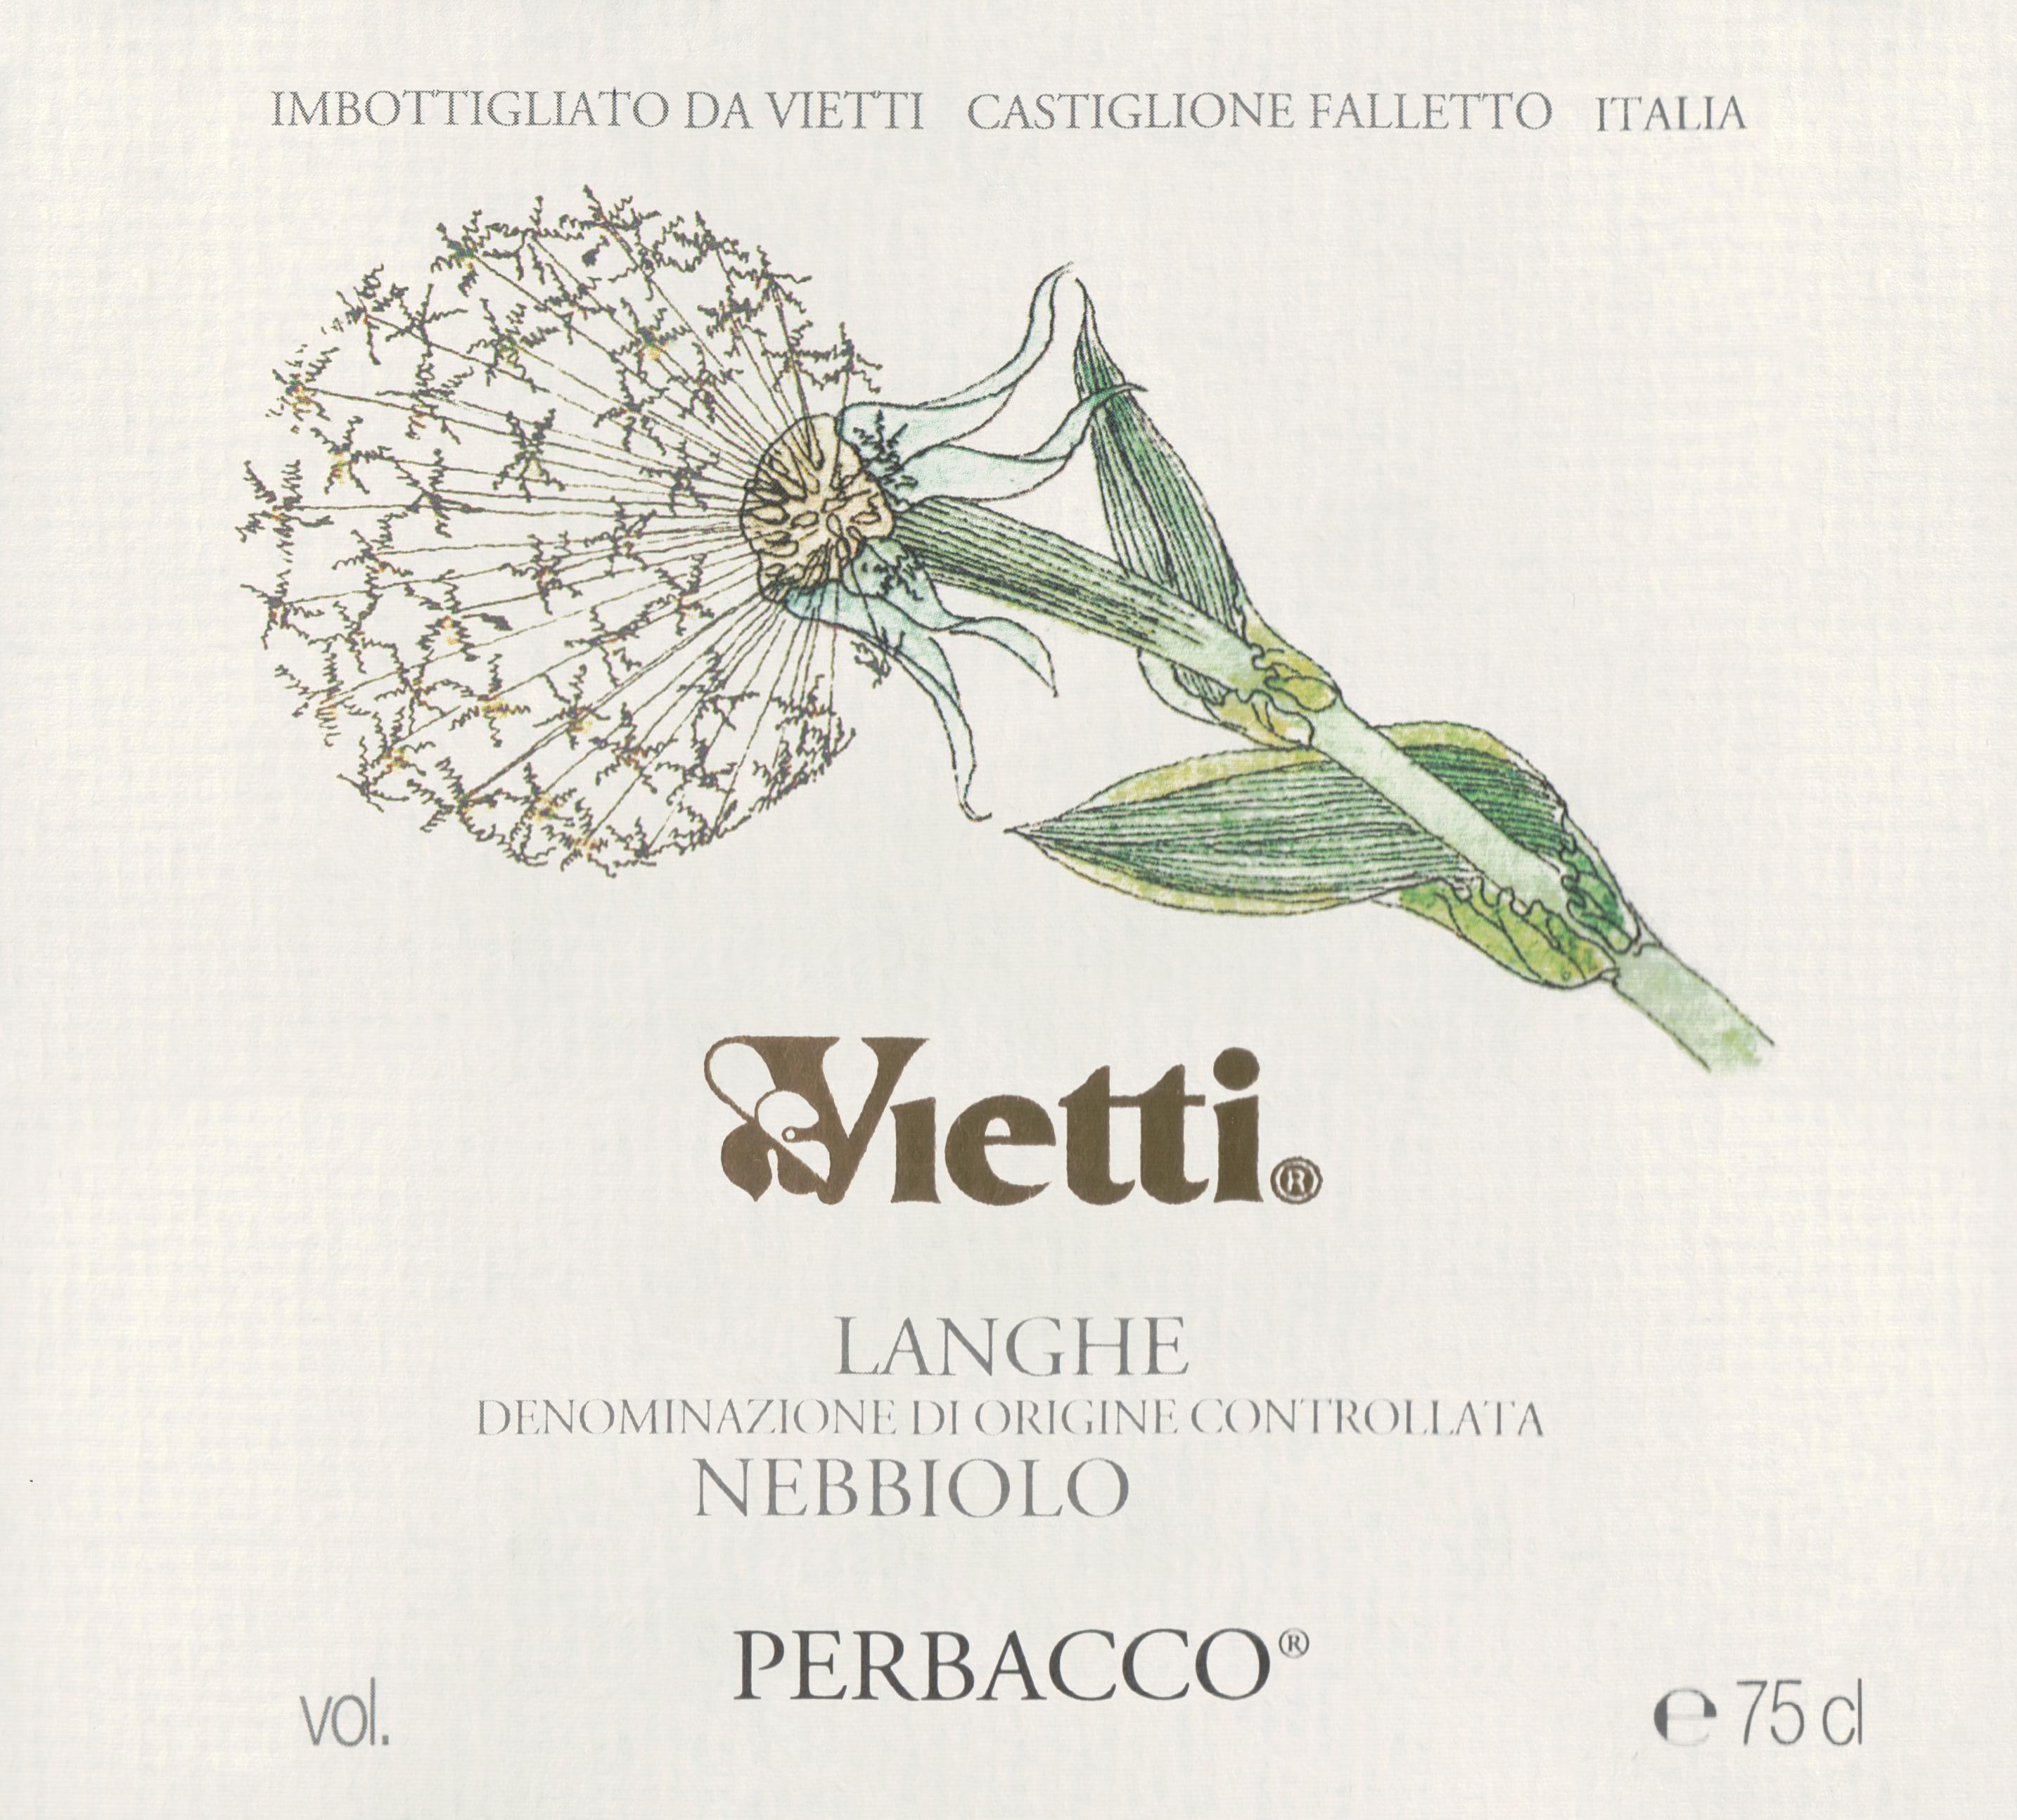 Vietti Nebbiolo Perbacco 2018